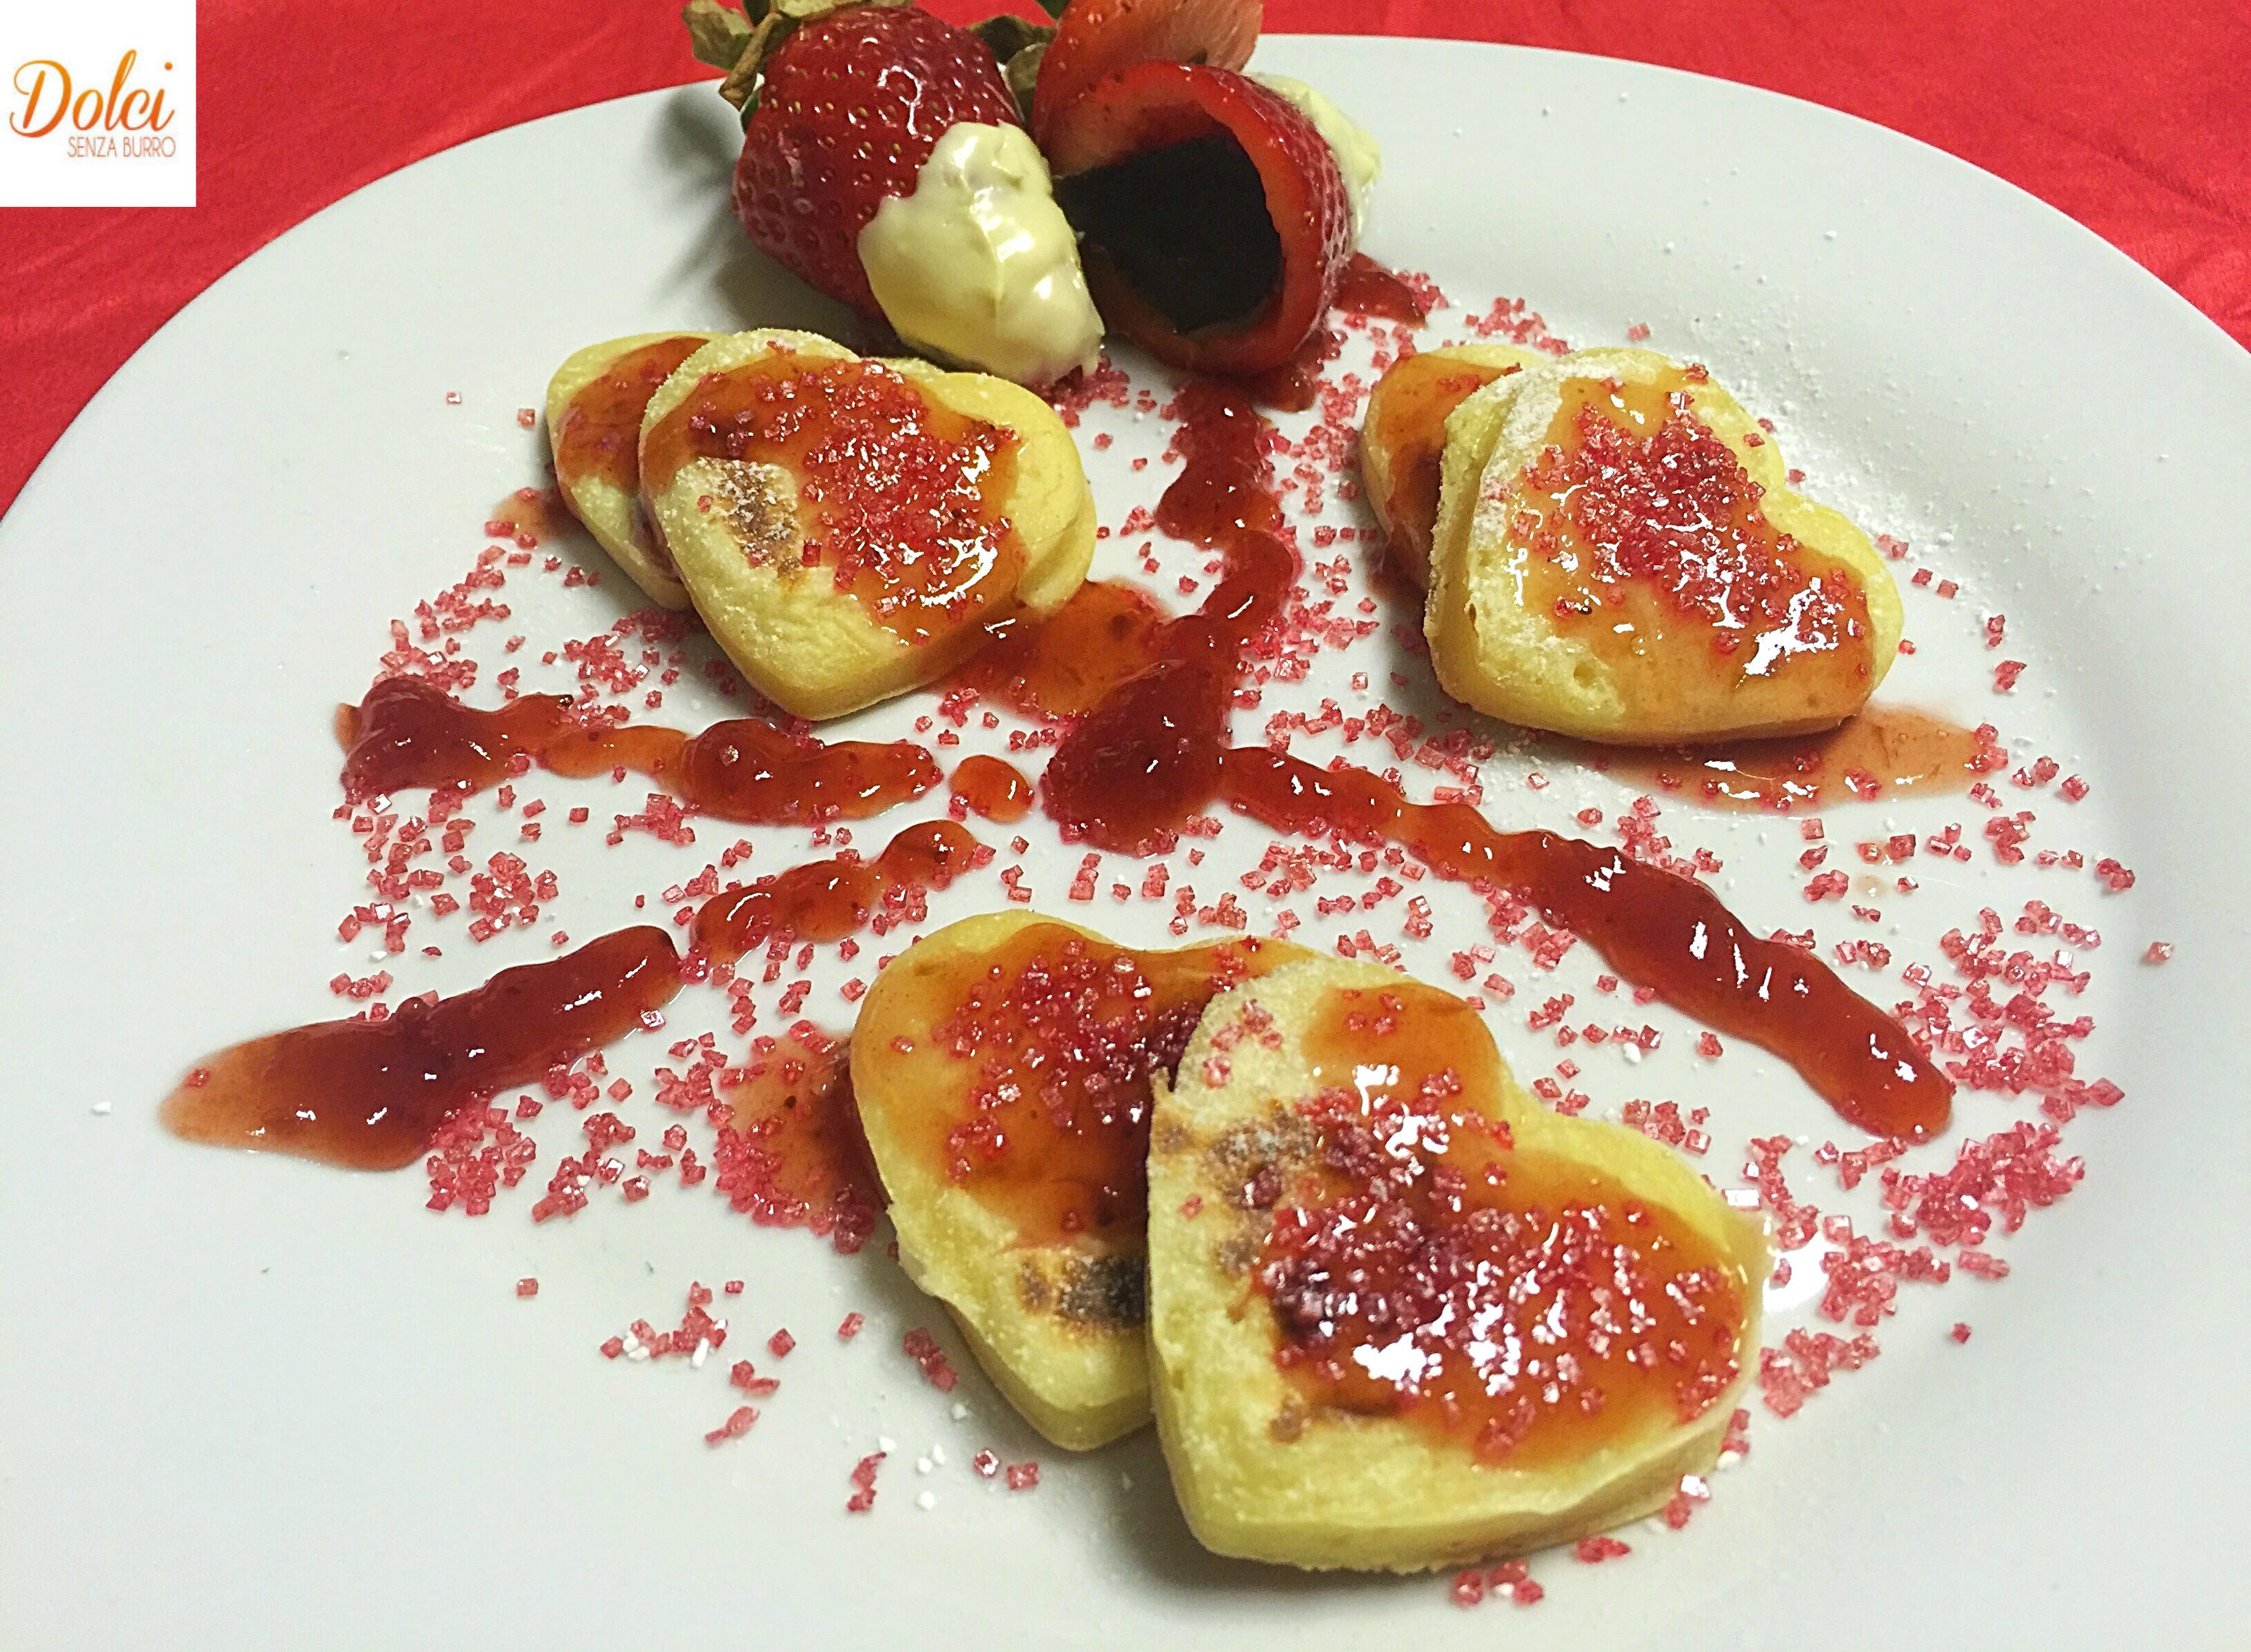 Pancakes alle Fragole Senza Burro, una versione originale, golosa e sfiziosa delle famose frittelle americane da dolci senza burro